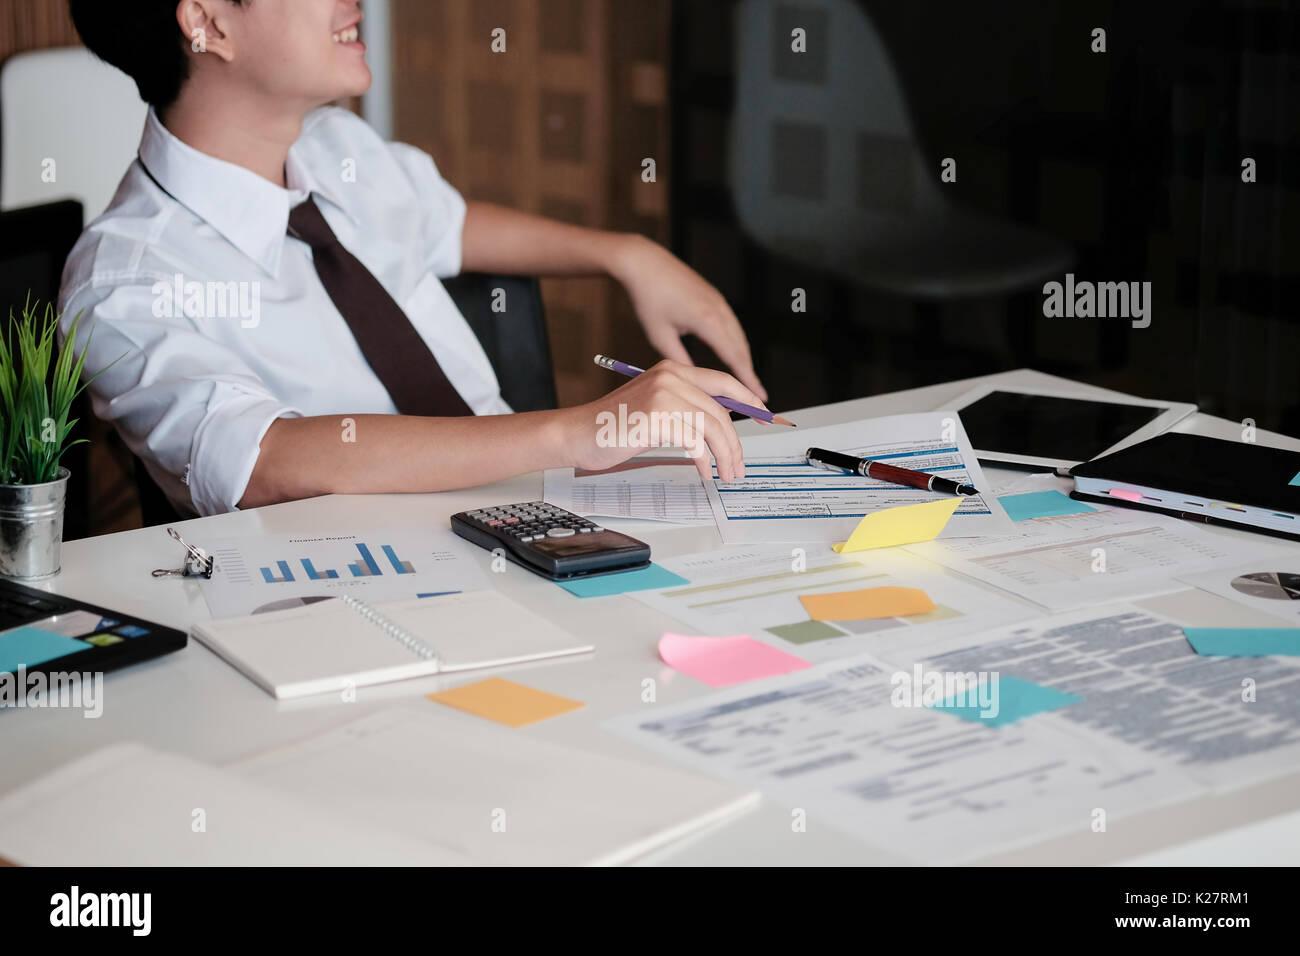 Giovane Imprenditore asiatico seduto in ufficio e sorriso in faccia, il fuoco selettivo. Immagini Stock